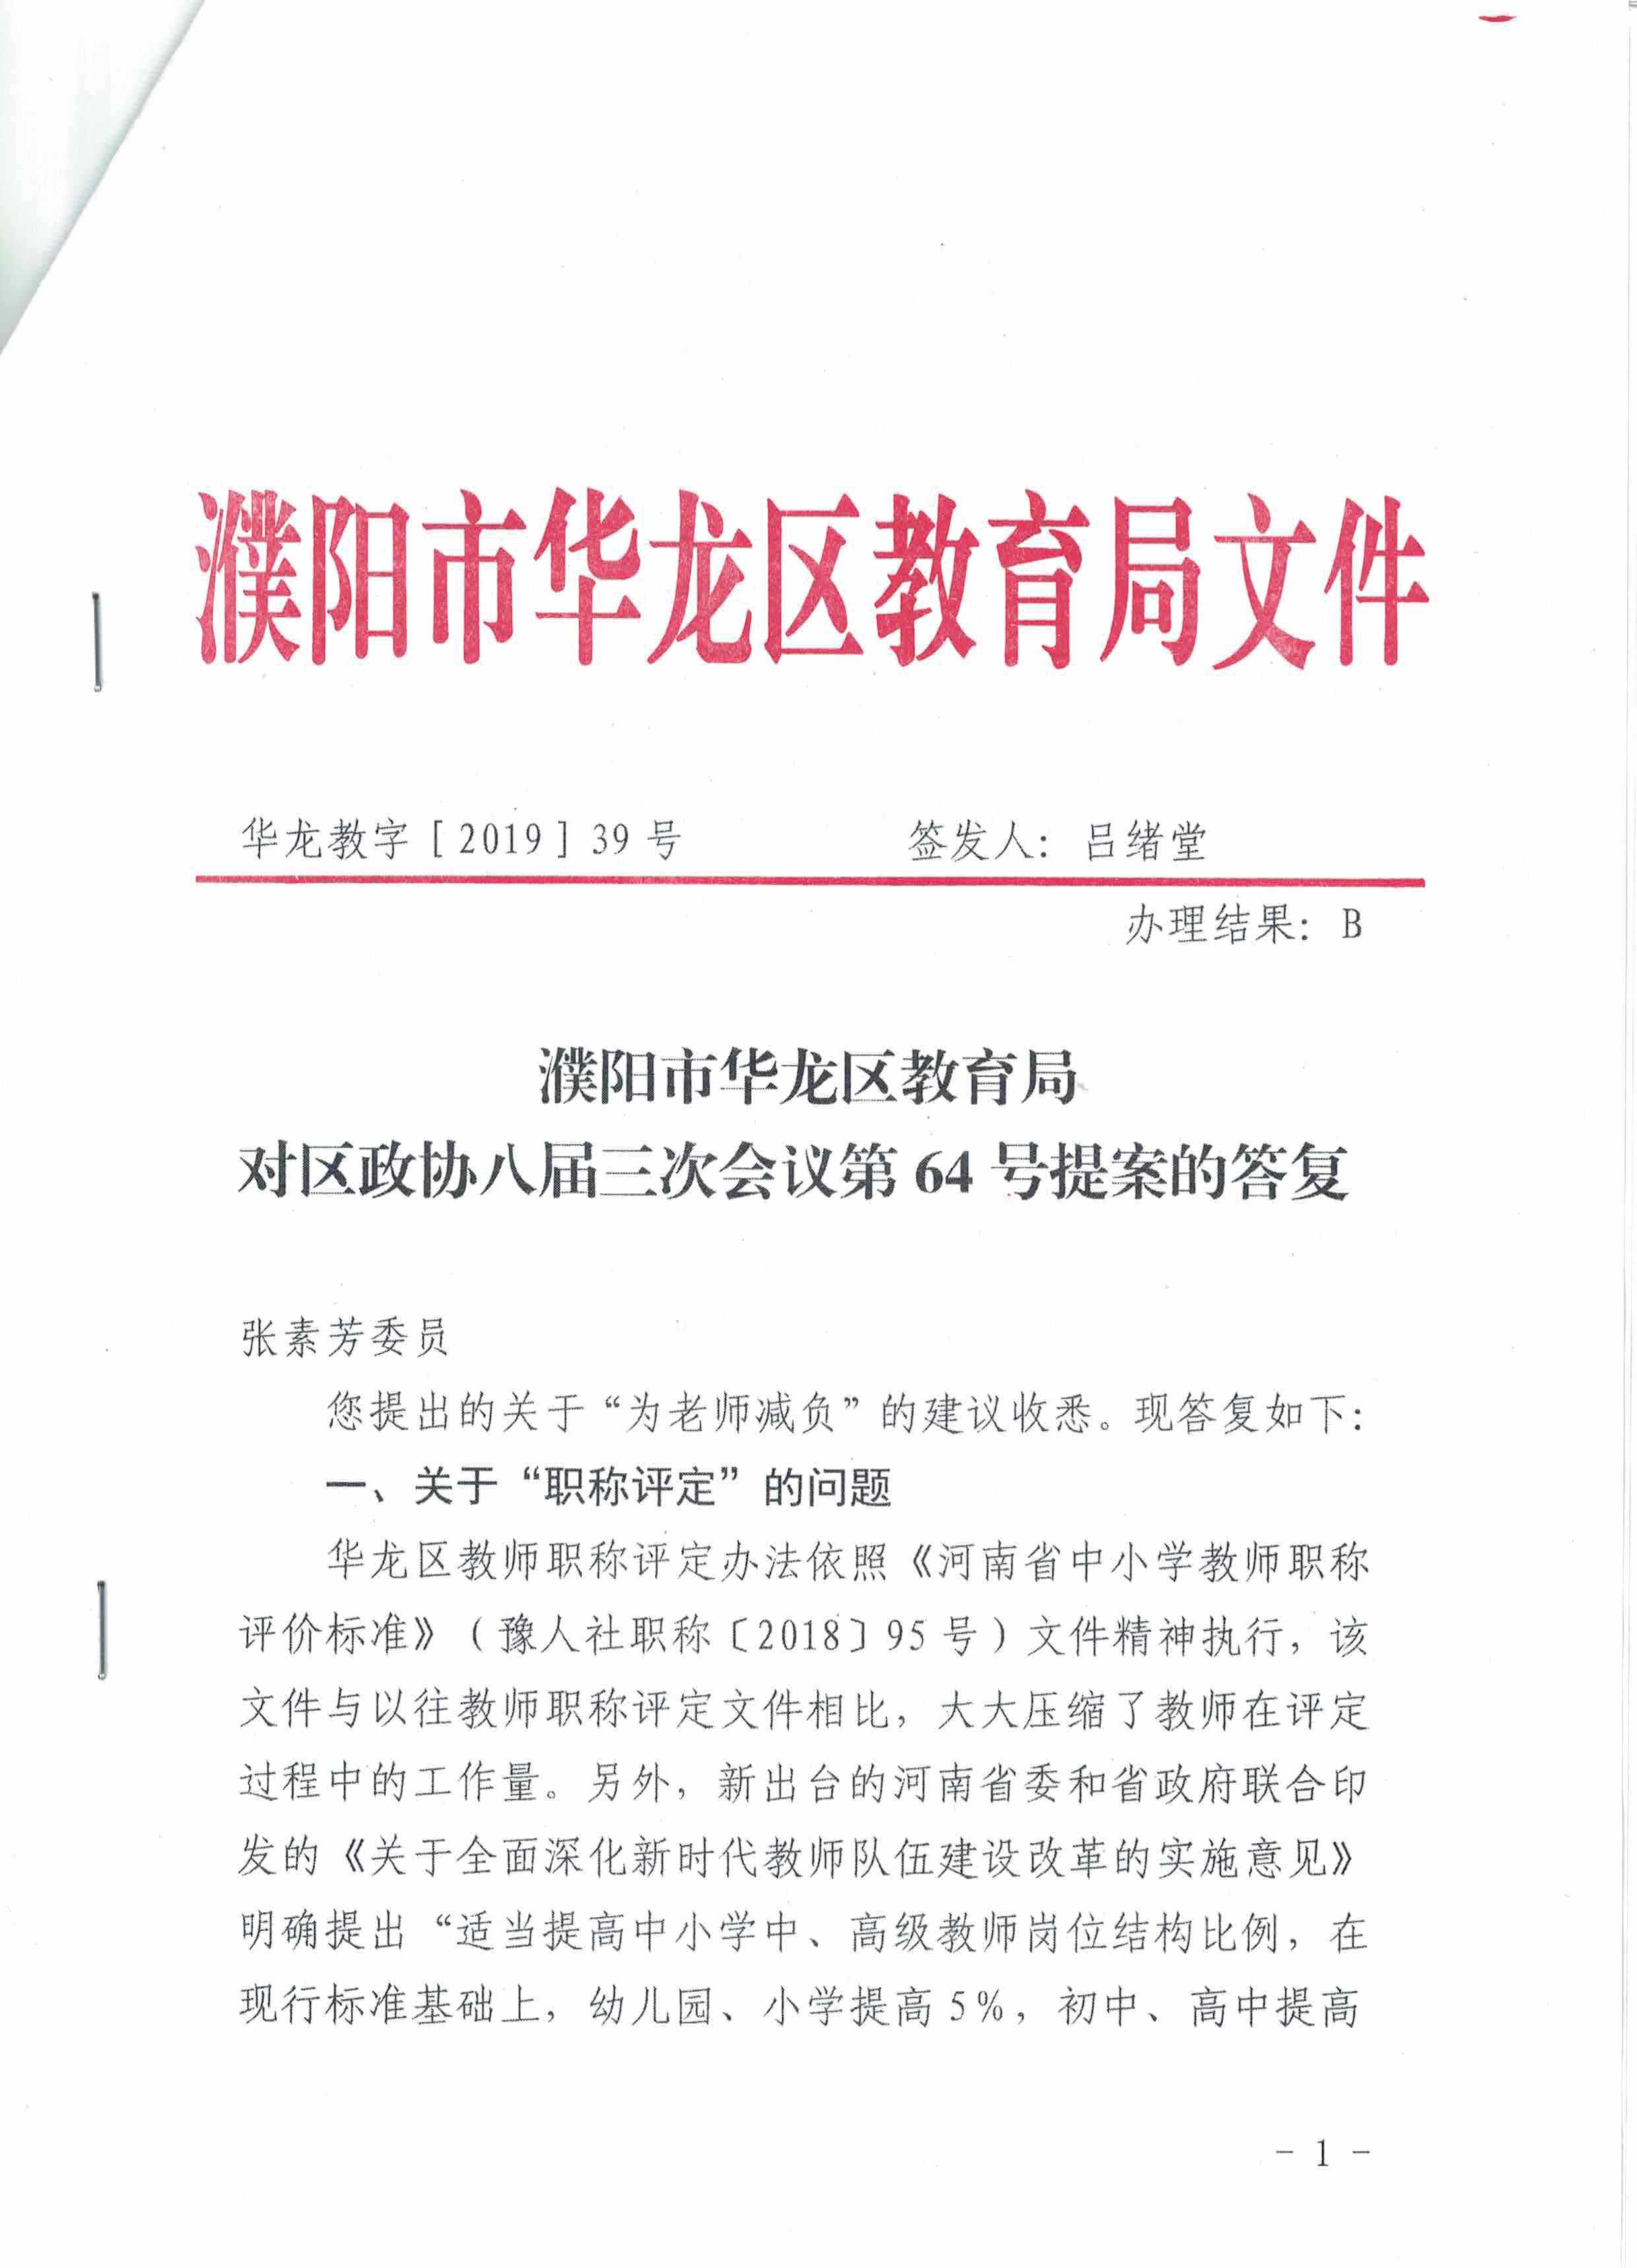 濮阳市亚洲城手机版教育局对区政协八届三次会议第64号提案的答复